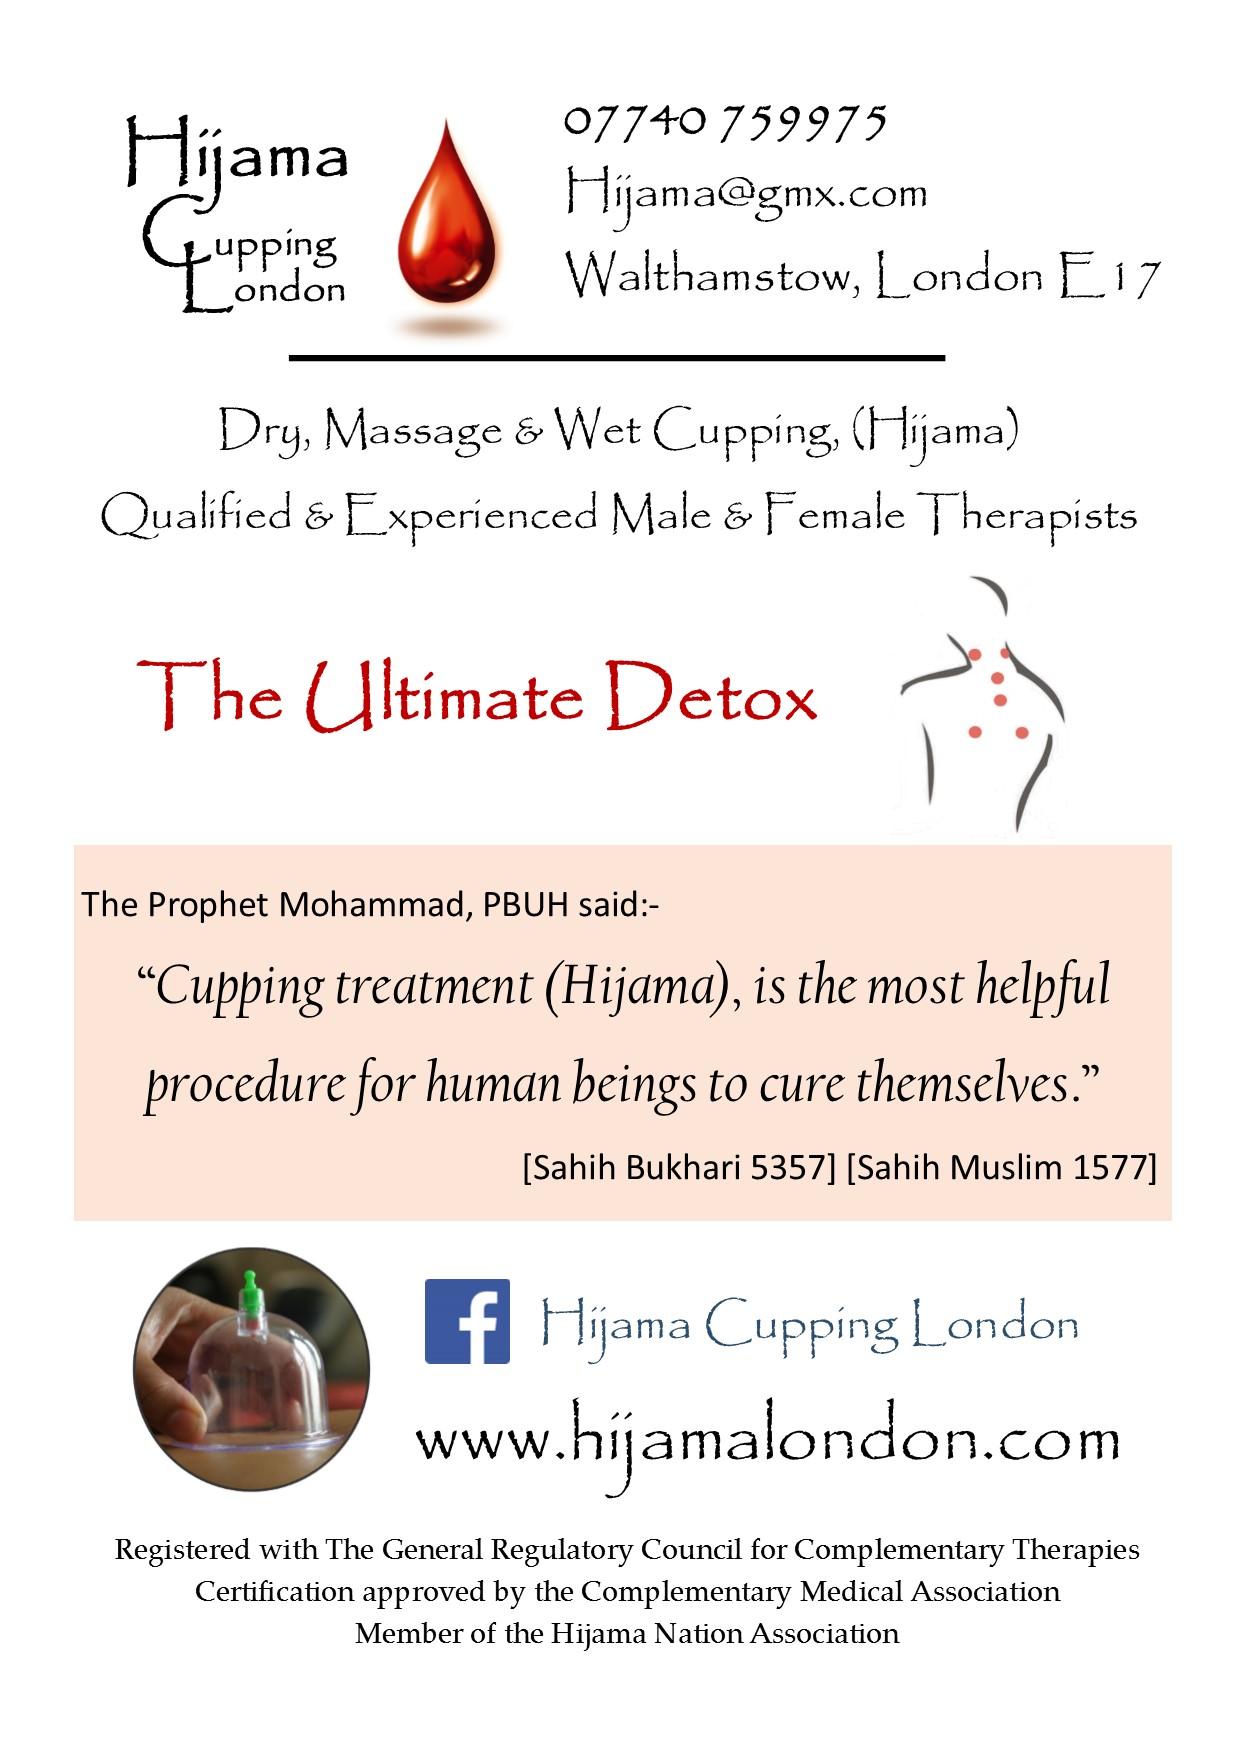 A4 hcl flyer hadeeth 3 hijama cupping london hijama flyer 2014 xflitez Gallery